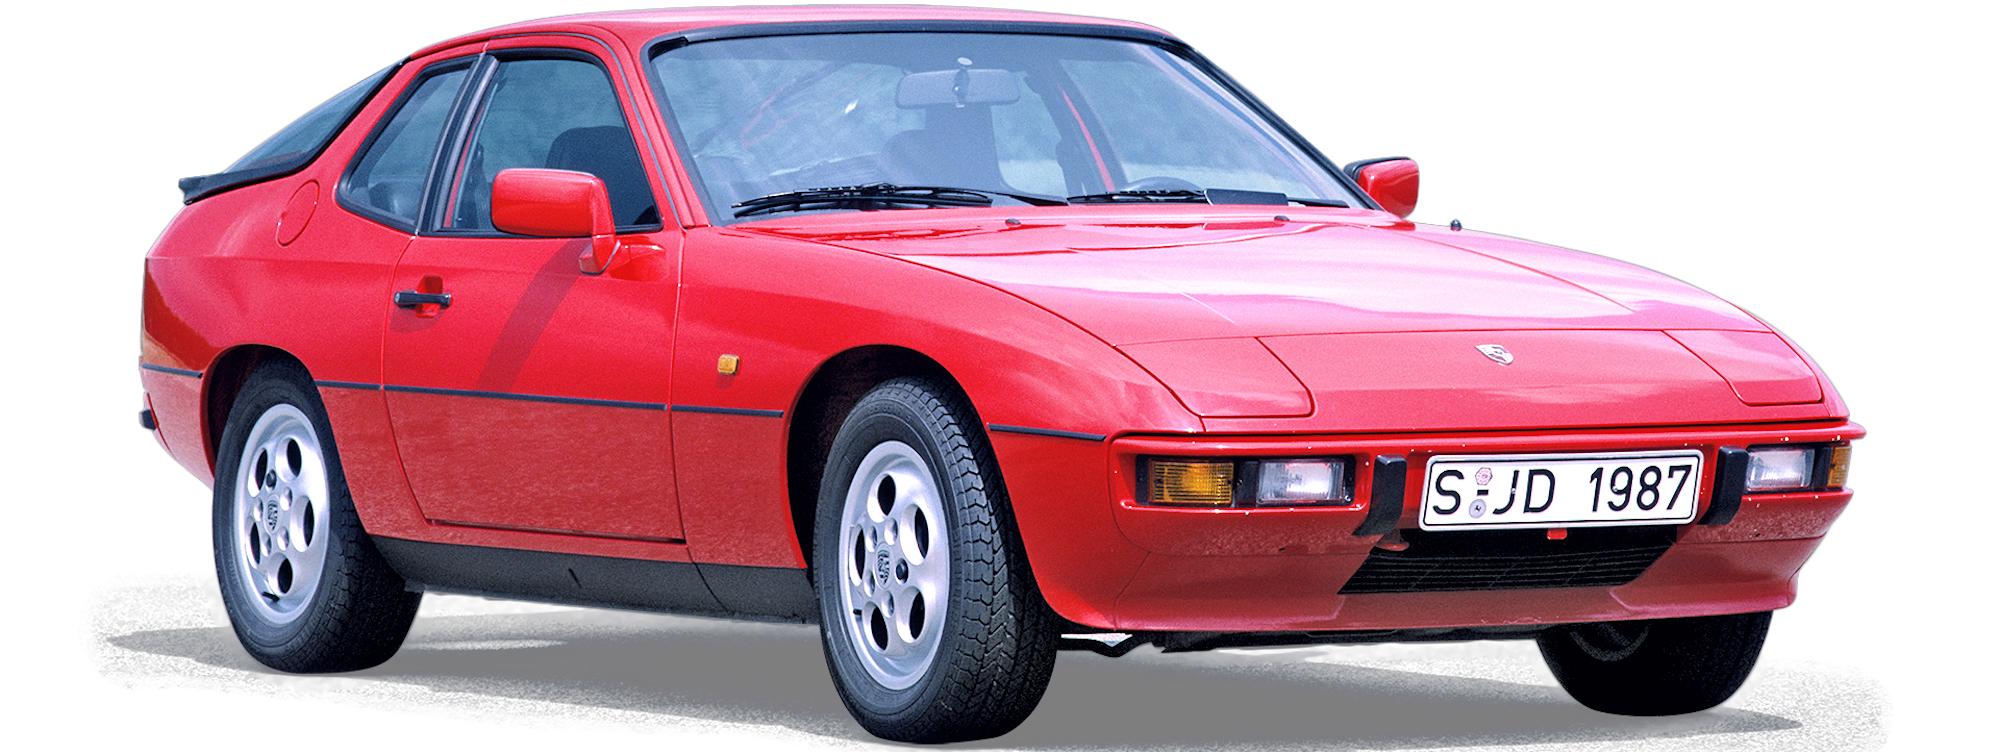 Porsche 924 (1975-1988)